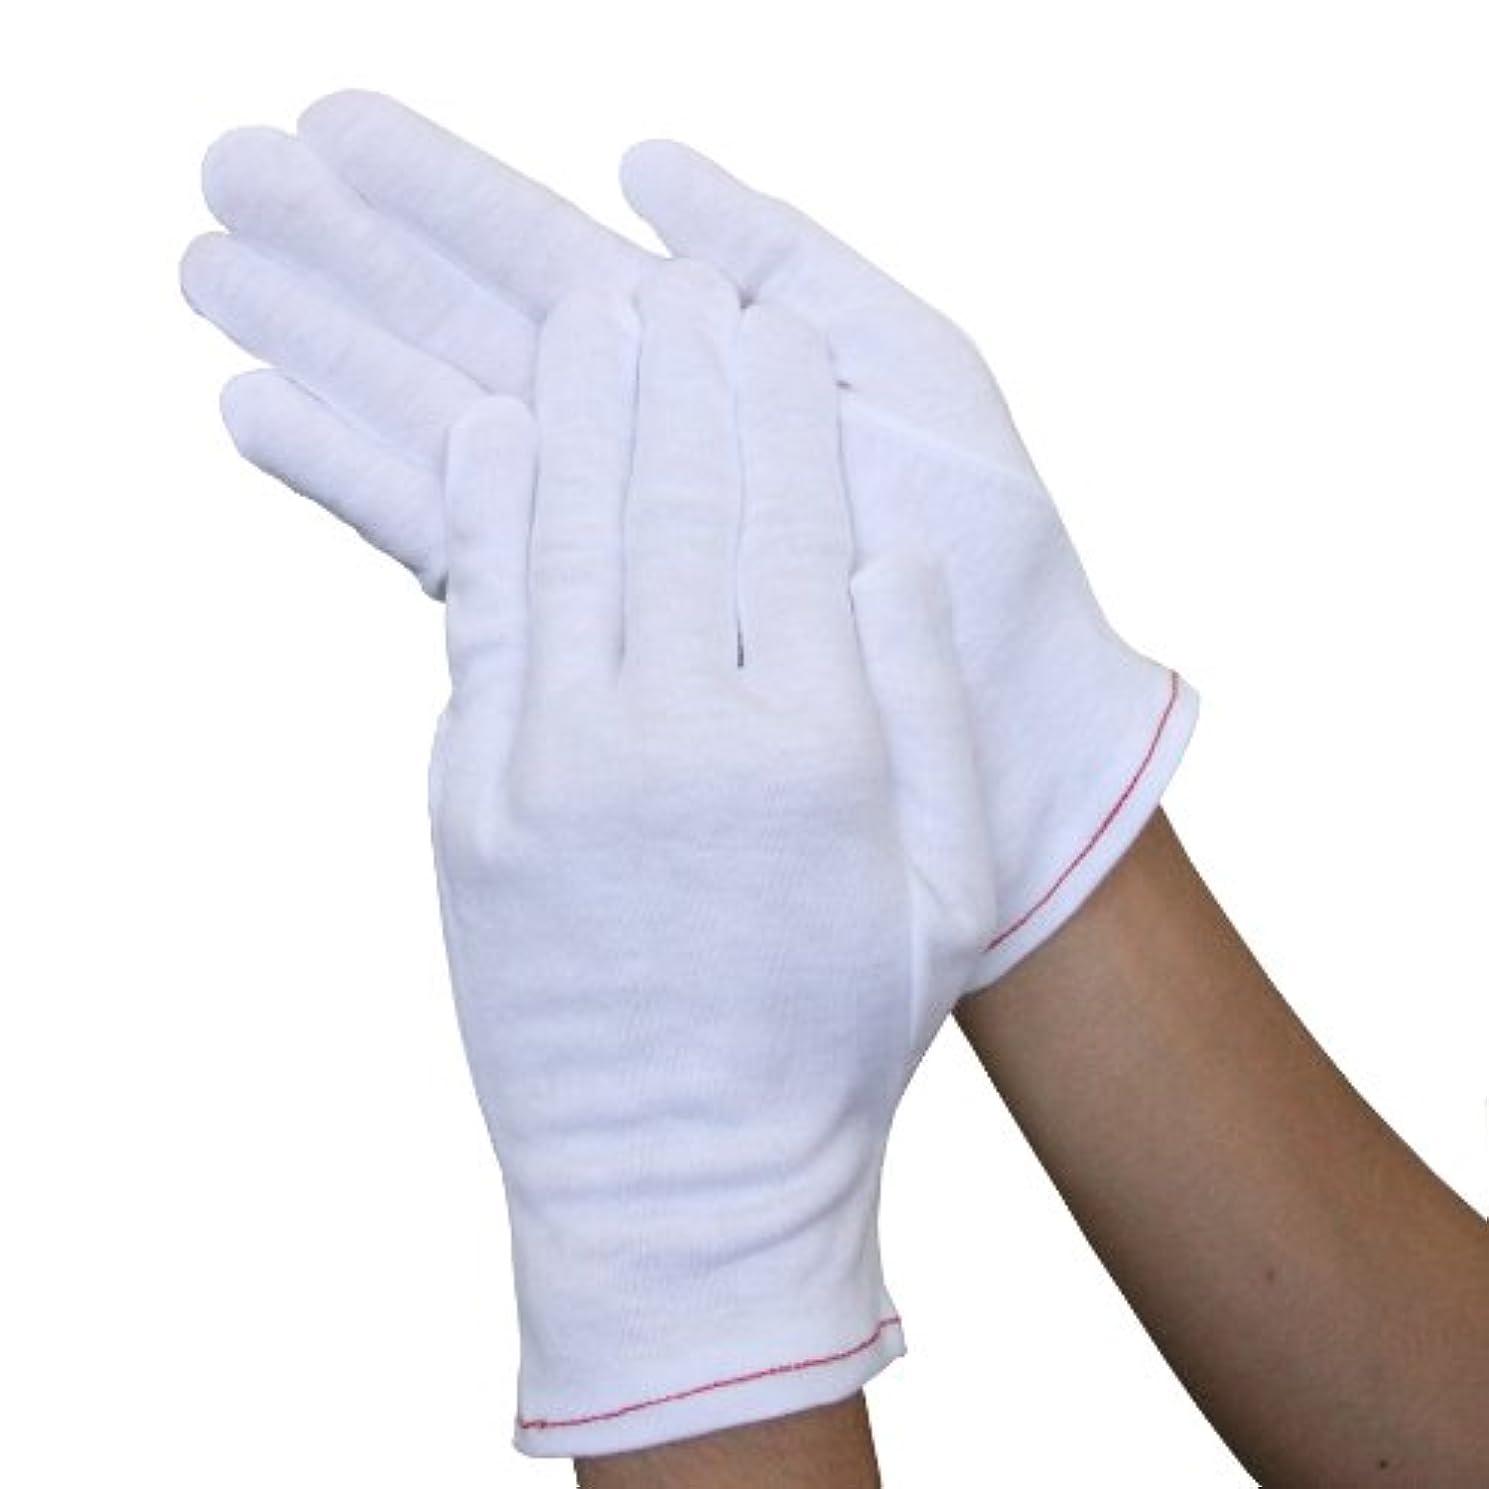 最初に年金受給者ナビゲーションウインセス 【心地よい肌触り/おやすみ手袋】 綿100%手袋 (1双) (LL)